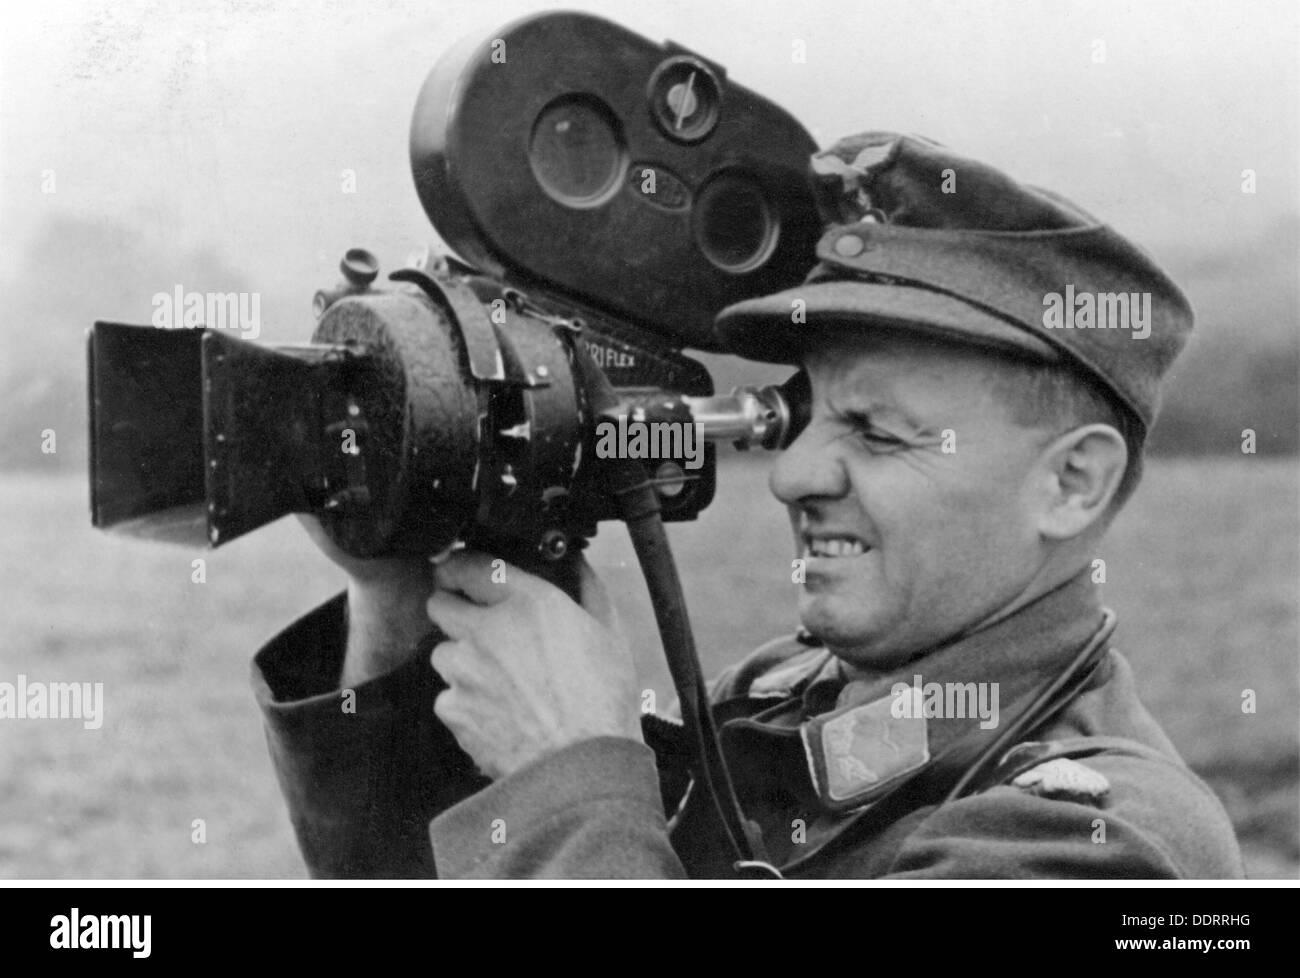 Segunda Guerra Mundial / WWII, la propaganda, el corresponsal de guerra alemán con cine cámara, tarjeta postal, 1944-Clearences Additional-Rights-NA Imagen De Stock